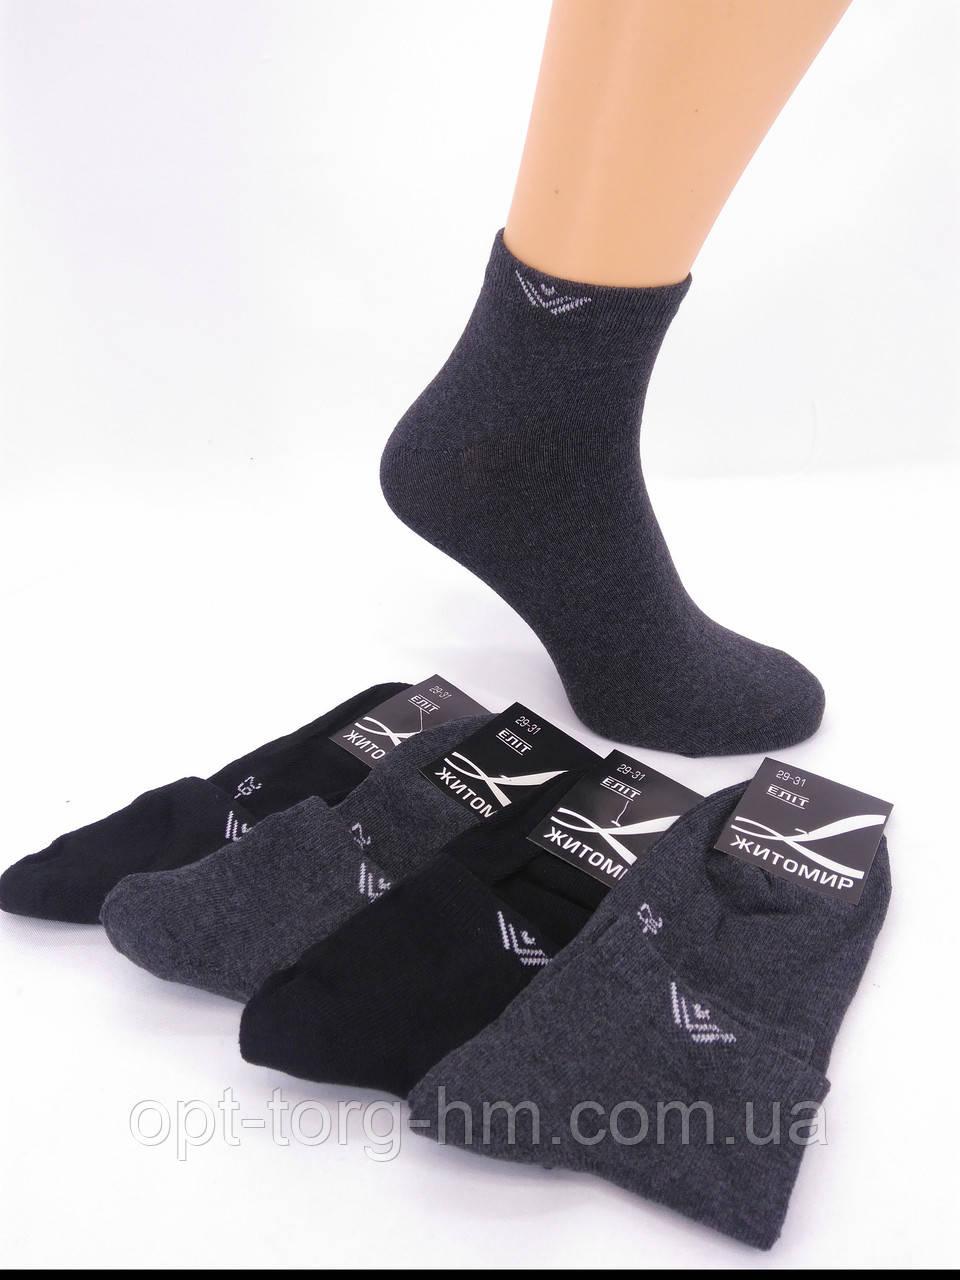 Спортивные мужские носки 25-27 (39-42 обувь)